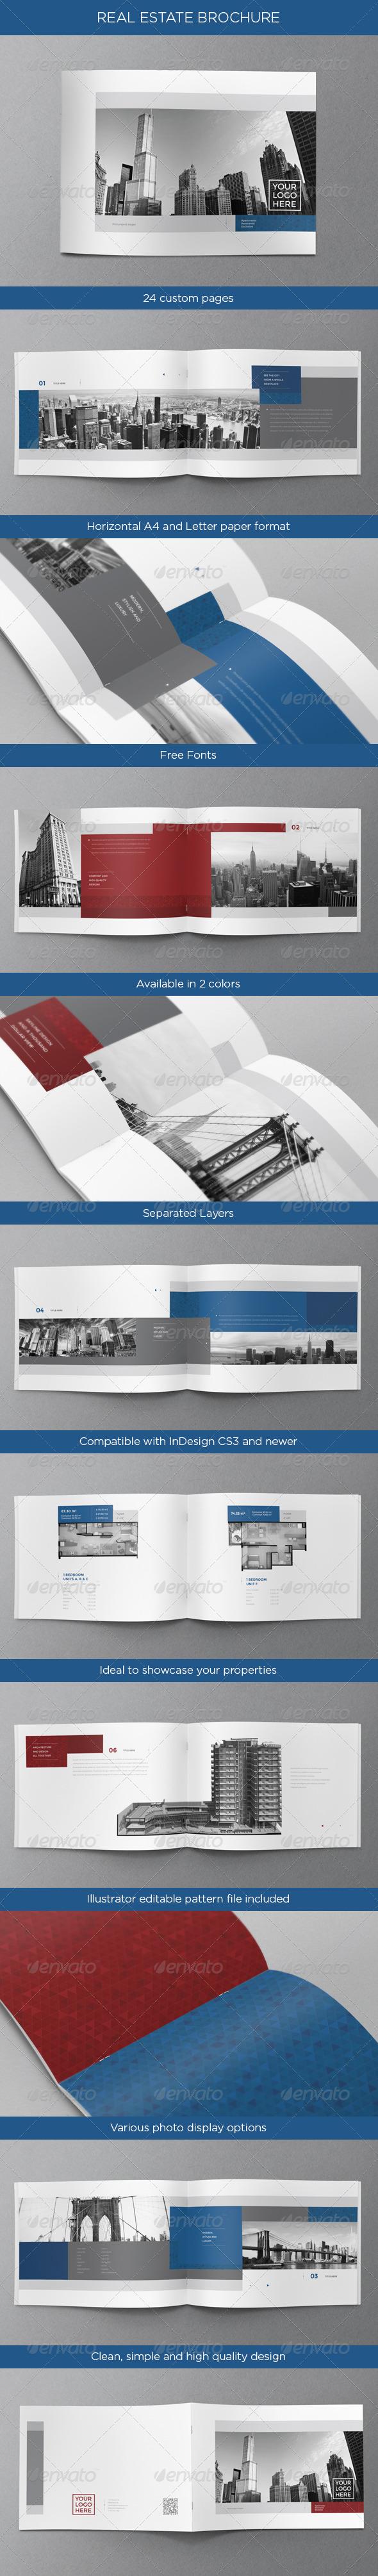 GraphicRiver Real Estate Brochure 4483113